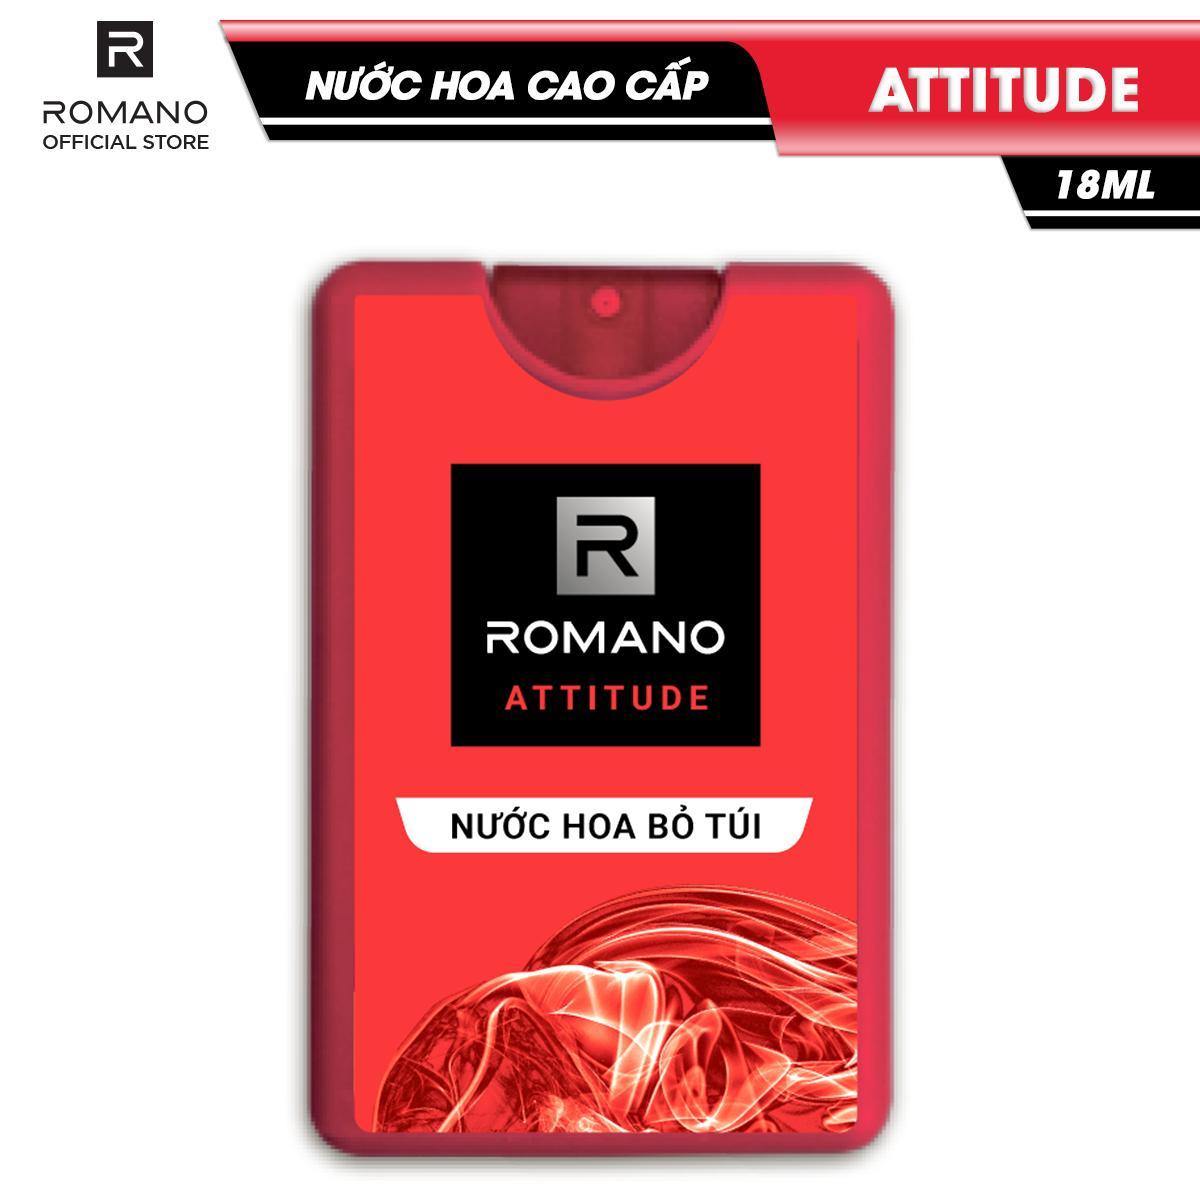 Nước hoa bỏ túi Romano Attitude nồng ấm quyến rũ 18ml nhập khẩu